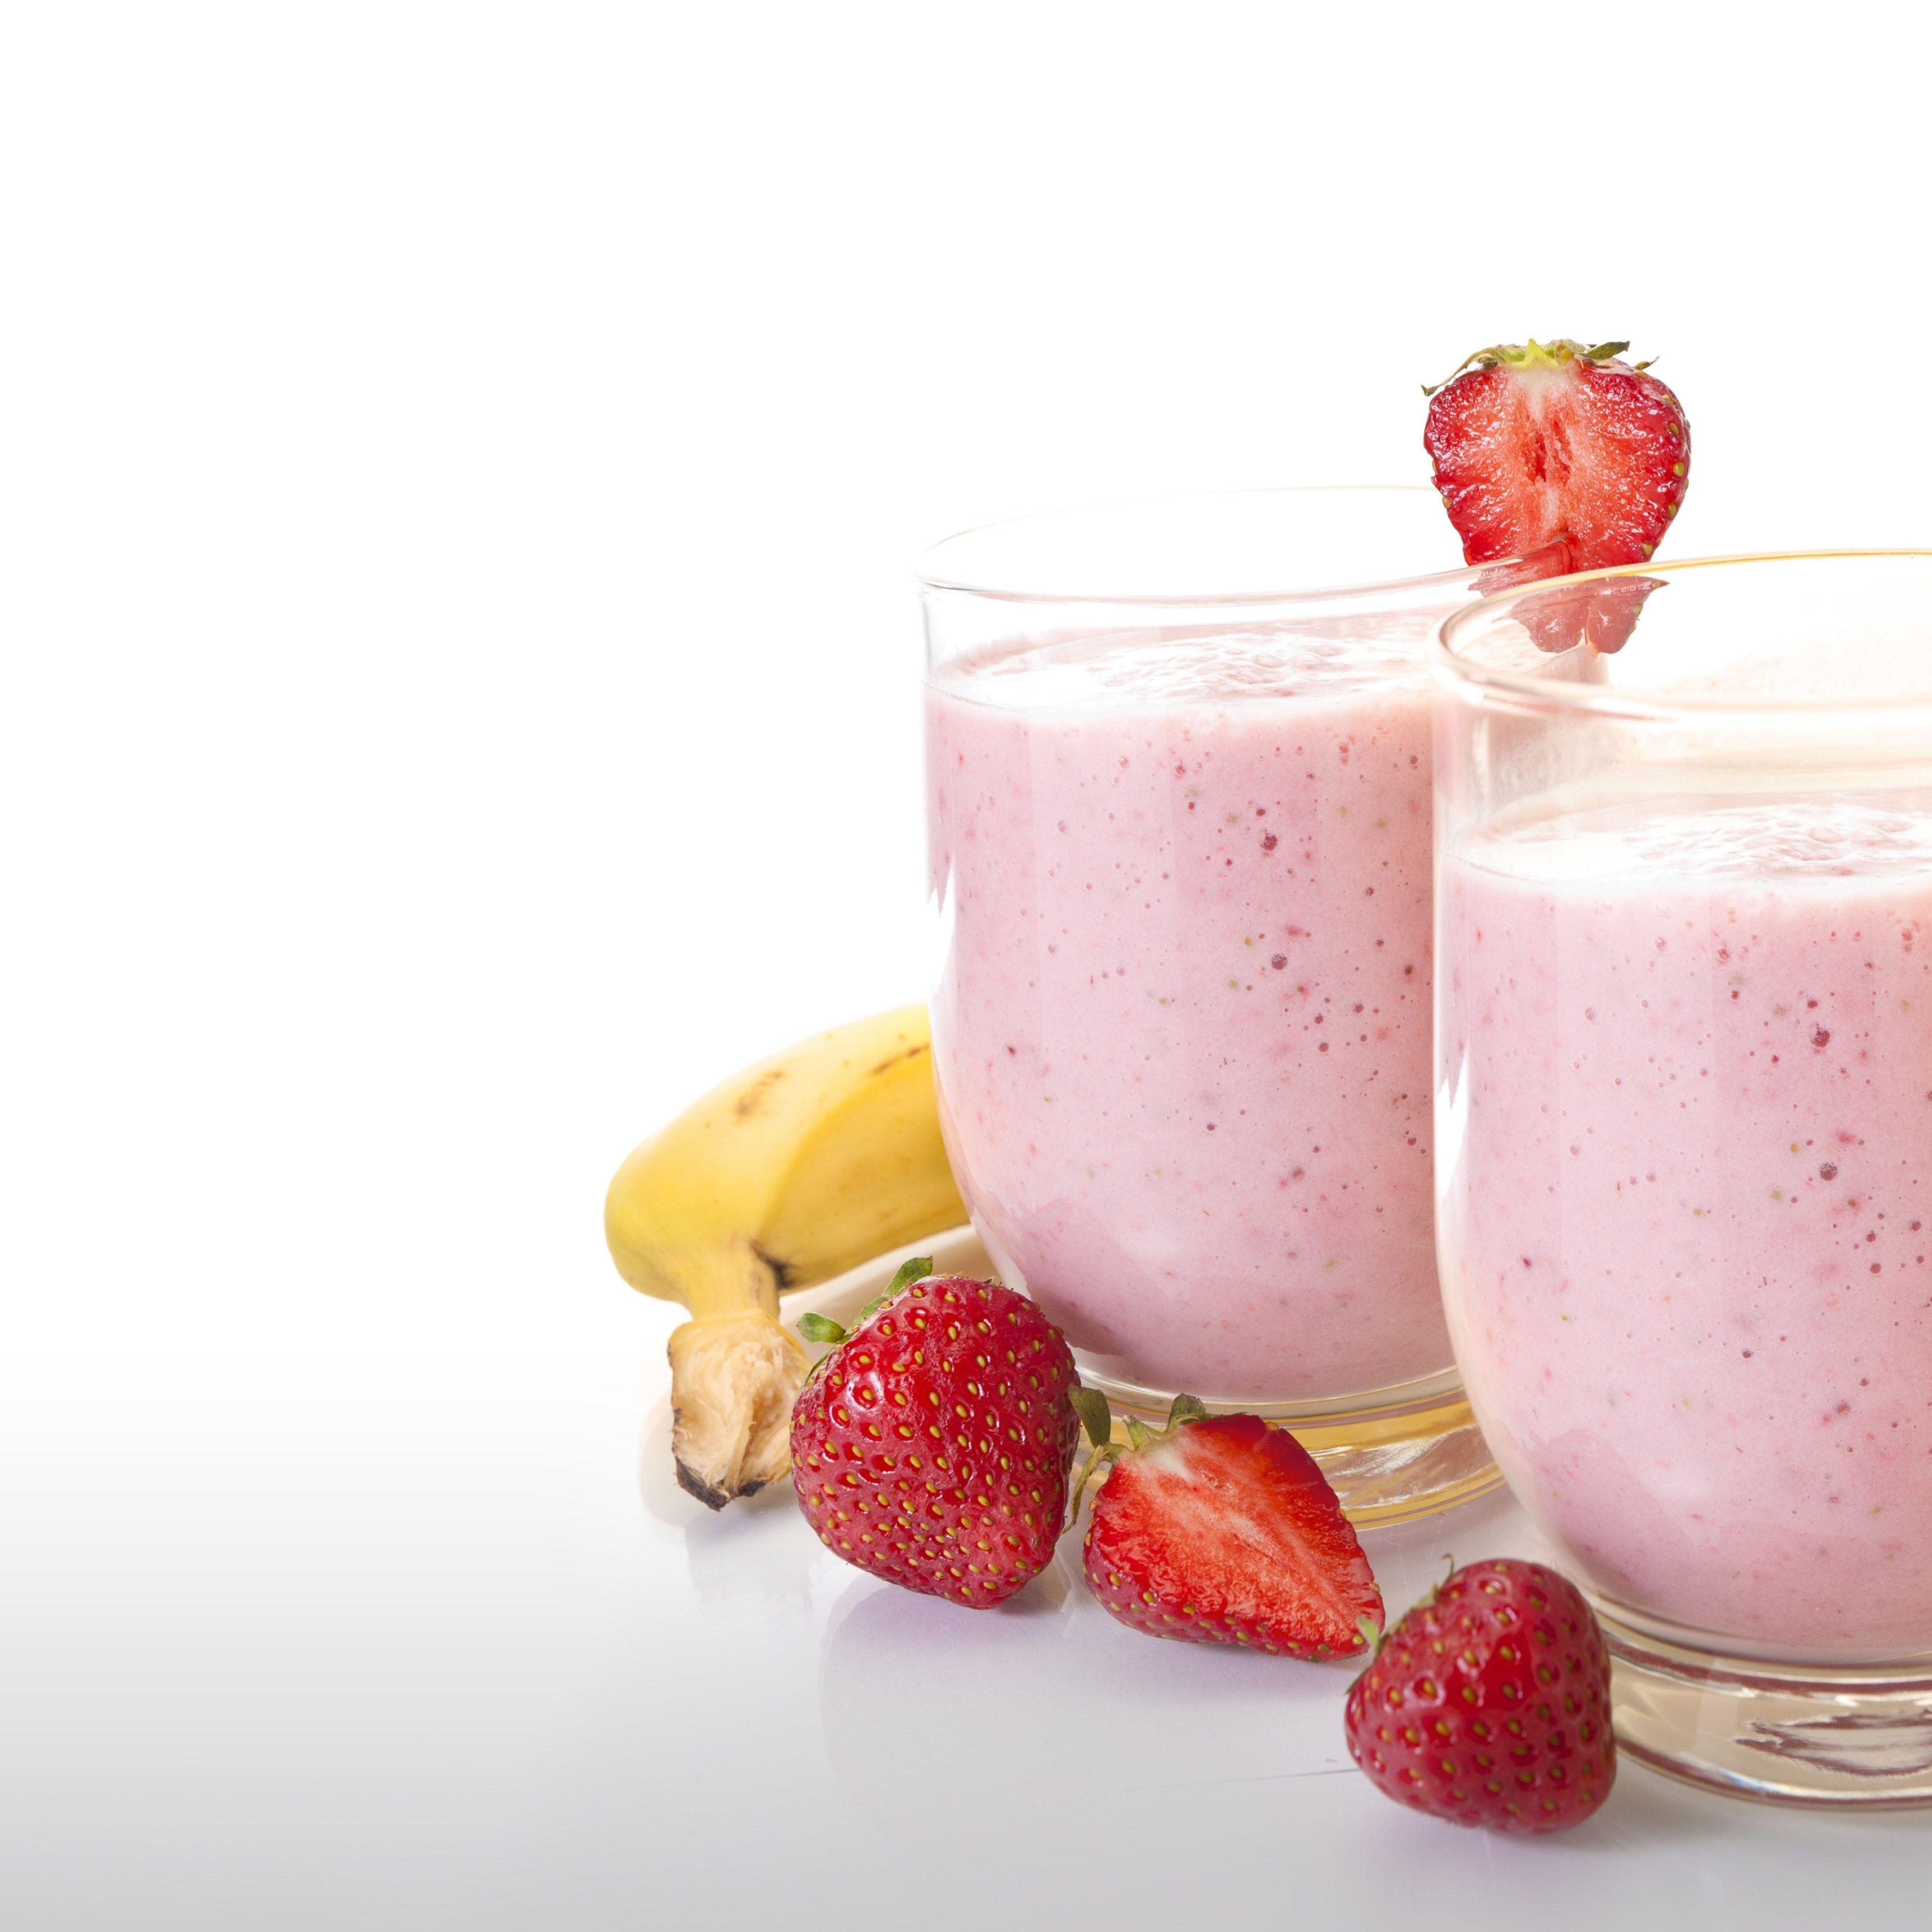 Йогурт Для Похудения Рук. Йогурт для похудения: домашний или магазинный, греческий или турецкий — как выбрать?